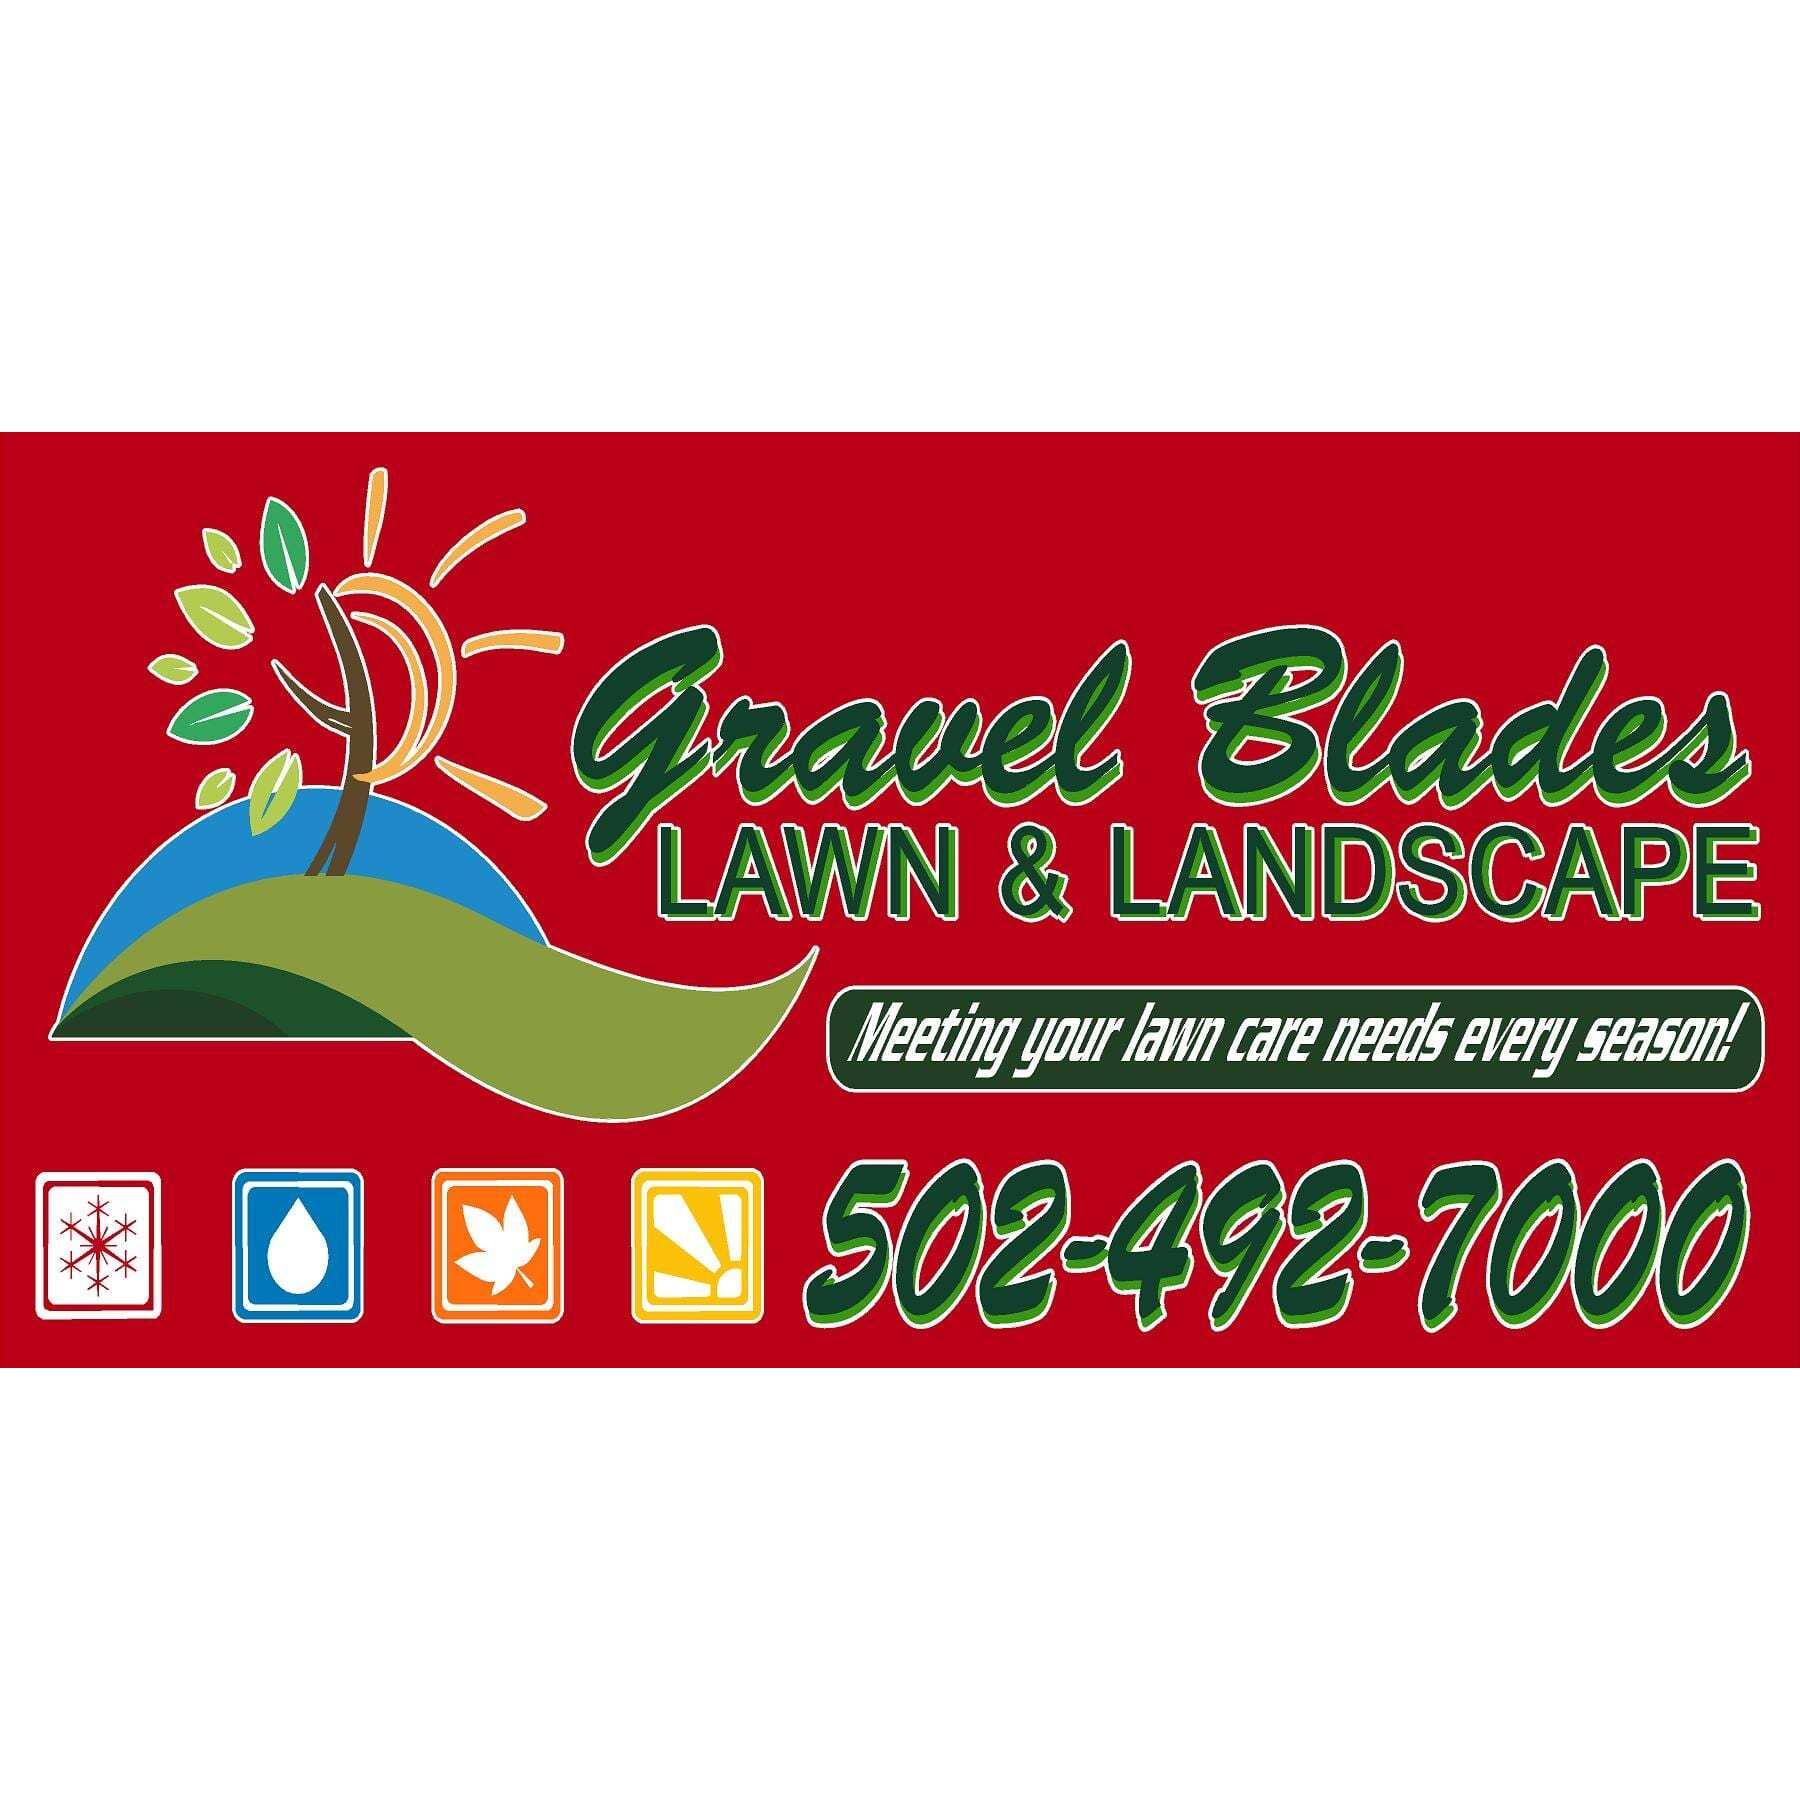 Gravel Blades Lawn & Landscape